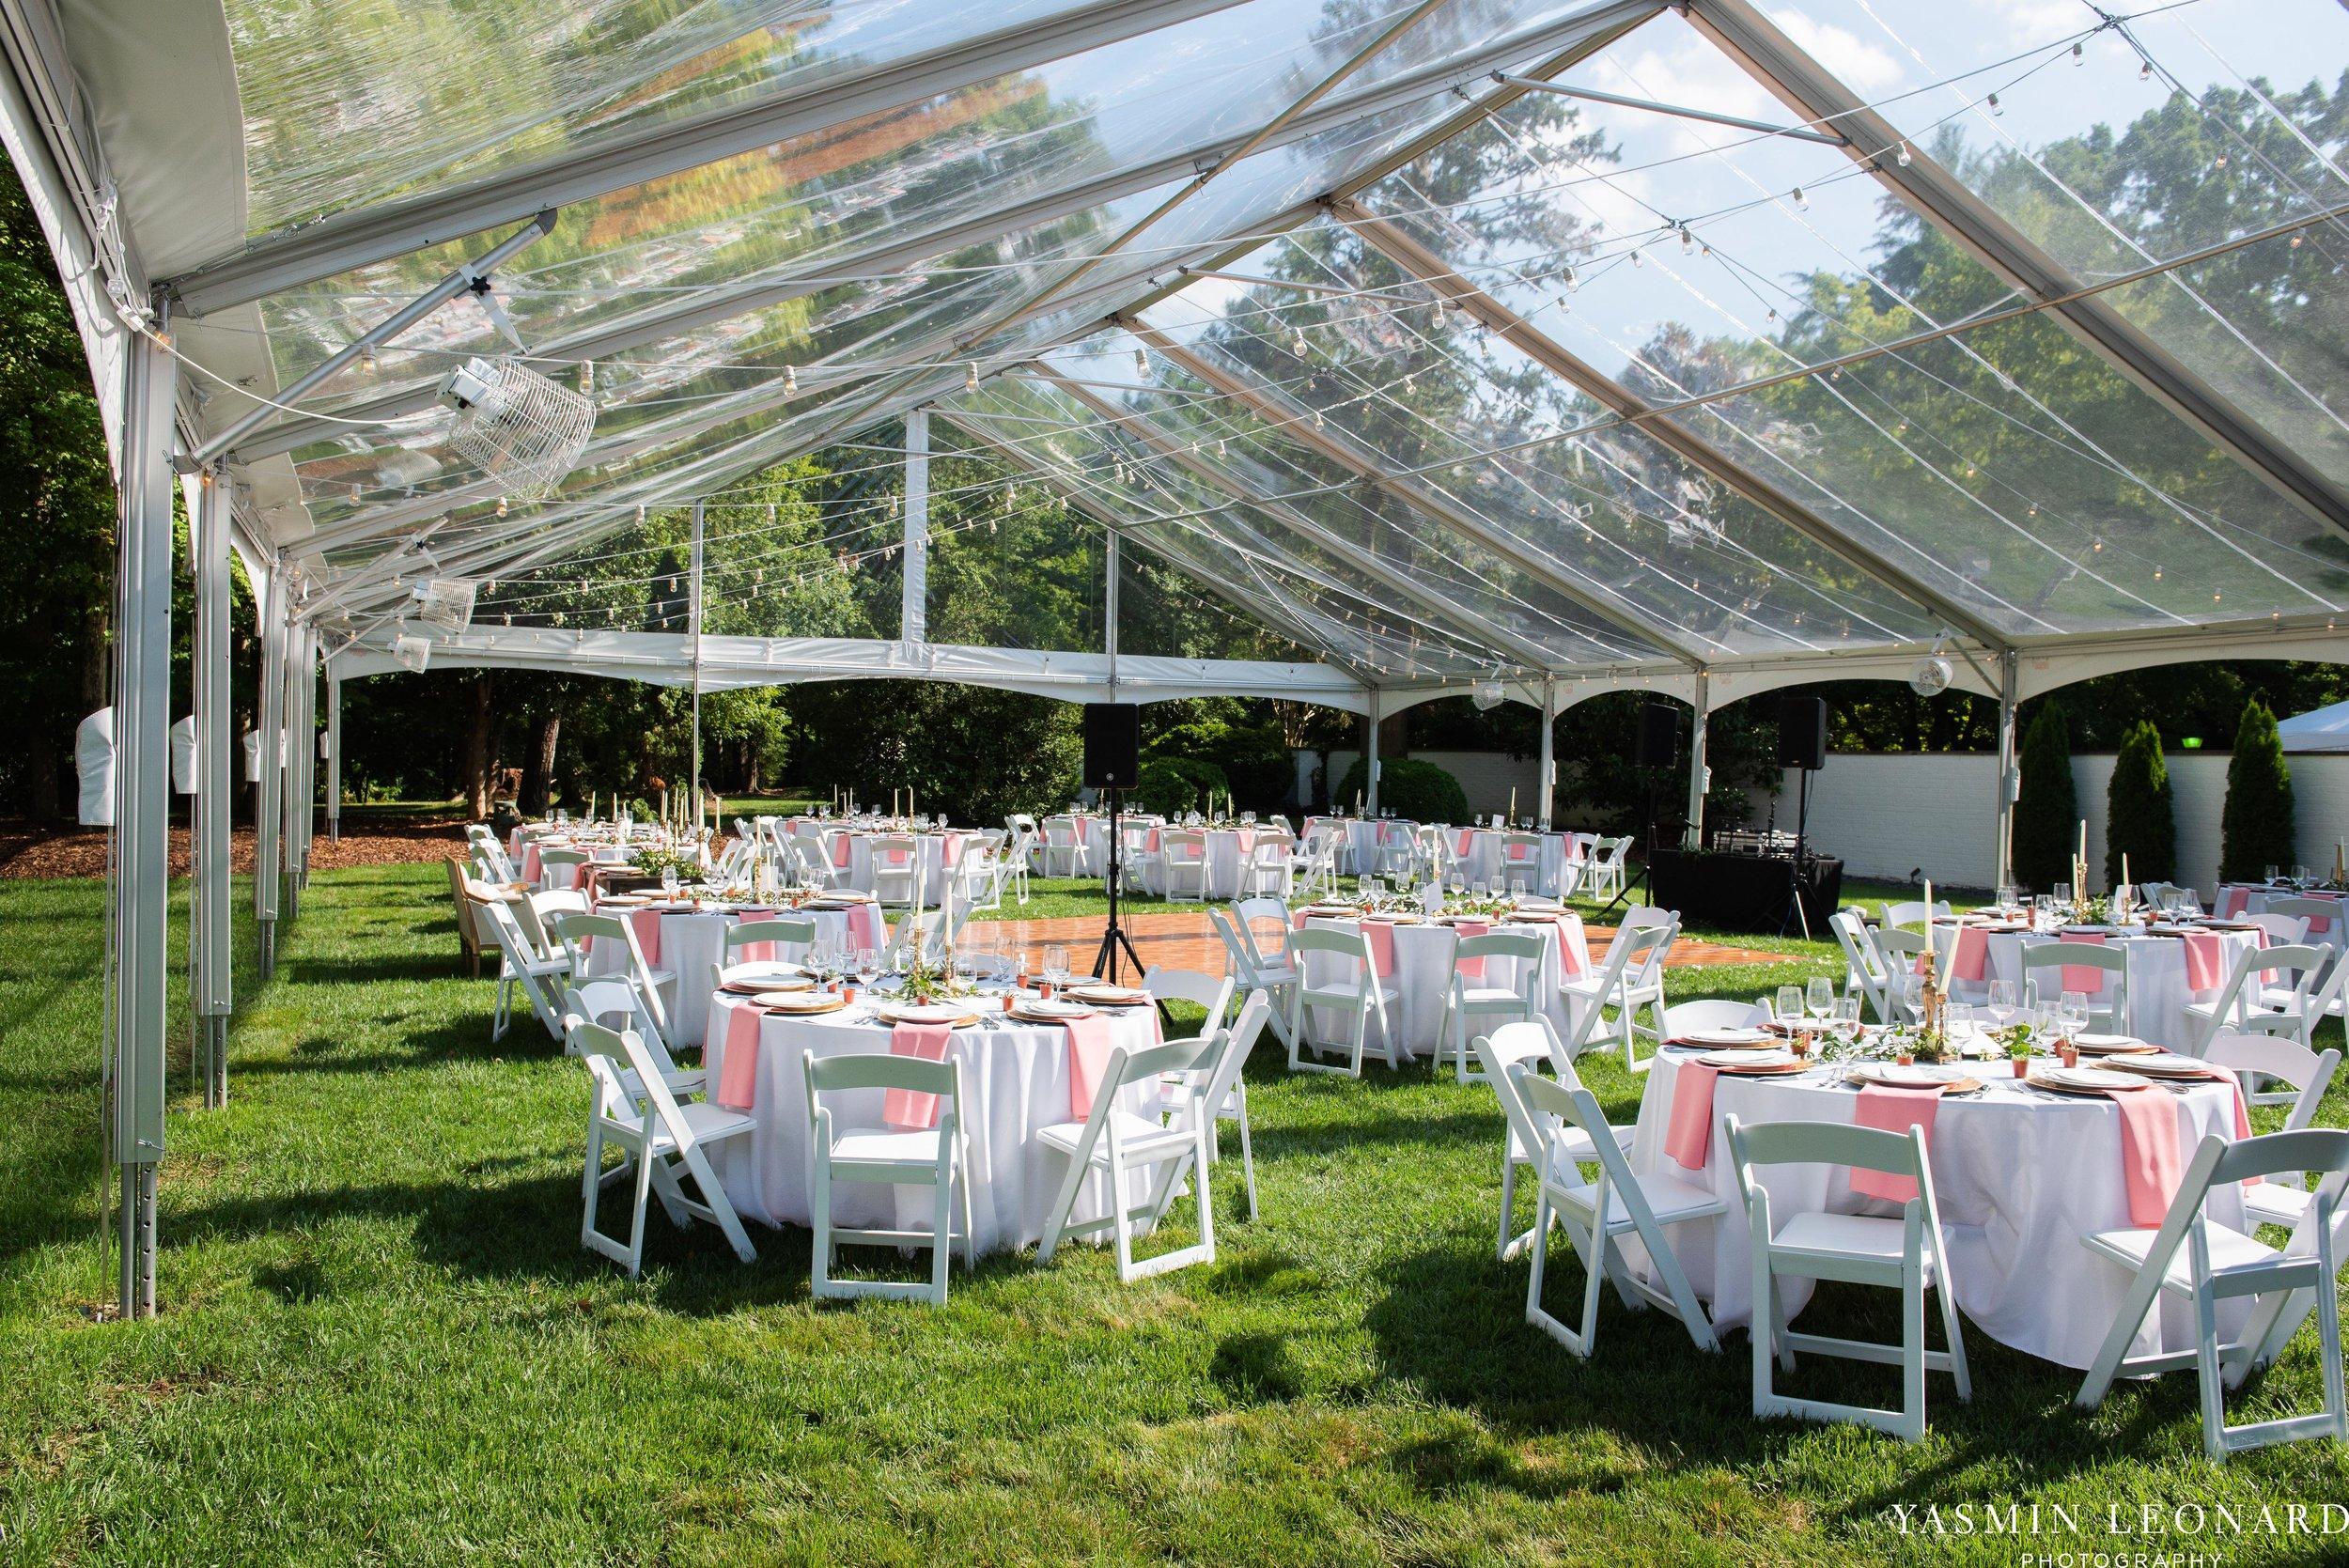 Boxwood Estate - Boxwood Estate Wedding - Luxury Wedding - Black and White Wedding - NC Wedding Venues - NC Weddings - NC Photographer - Lantern Release Grand Exit - Large Wedding Party - Yasmin Leonard Photography-49.jpg